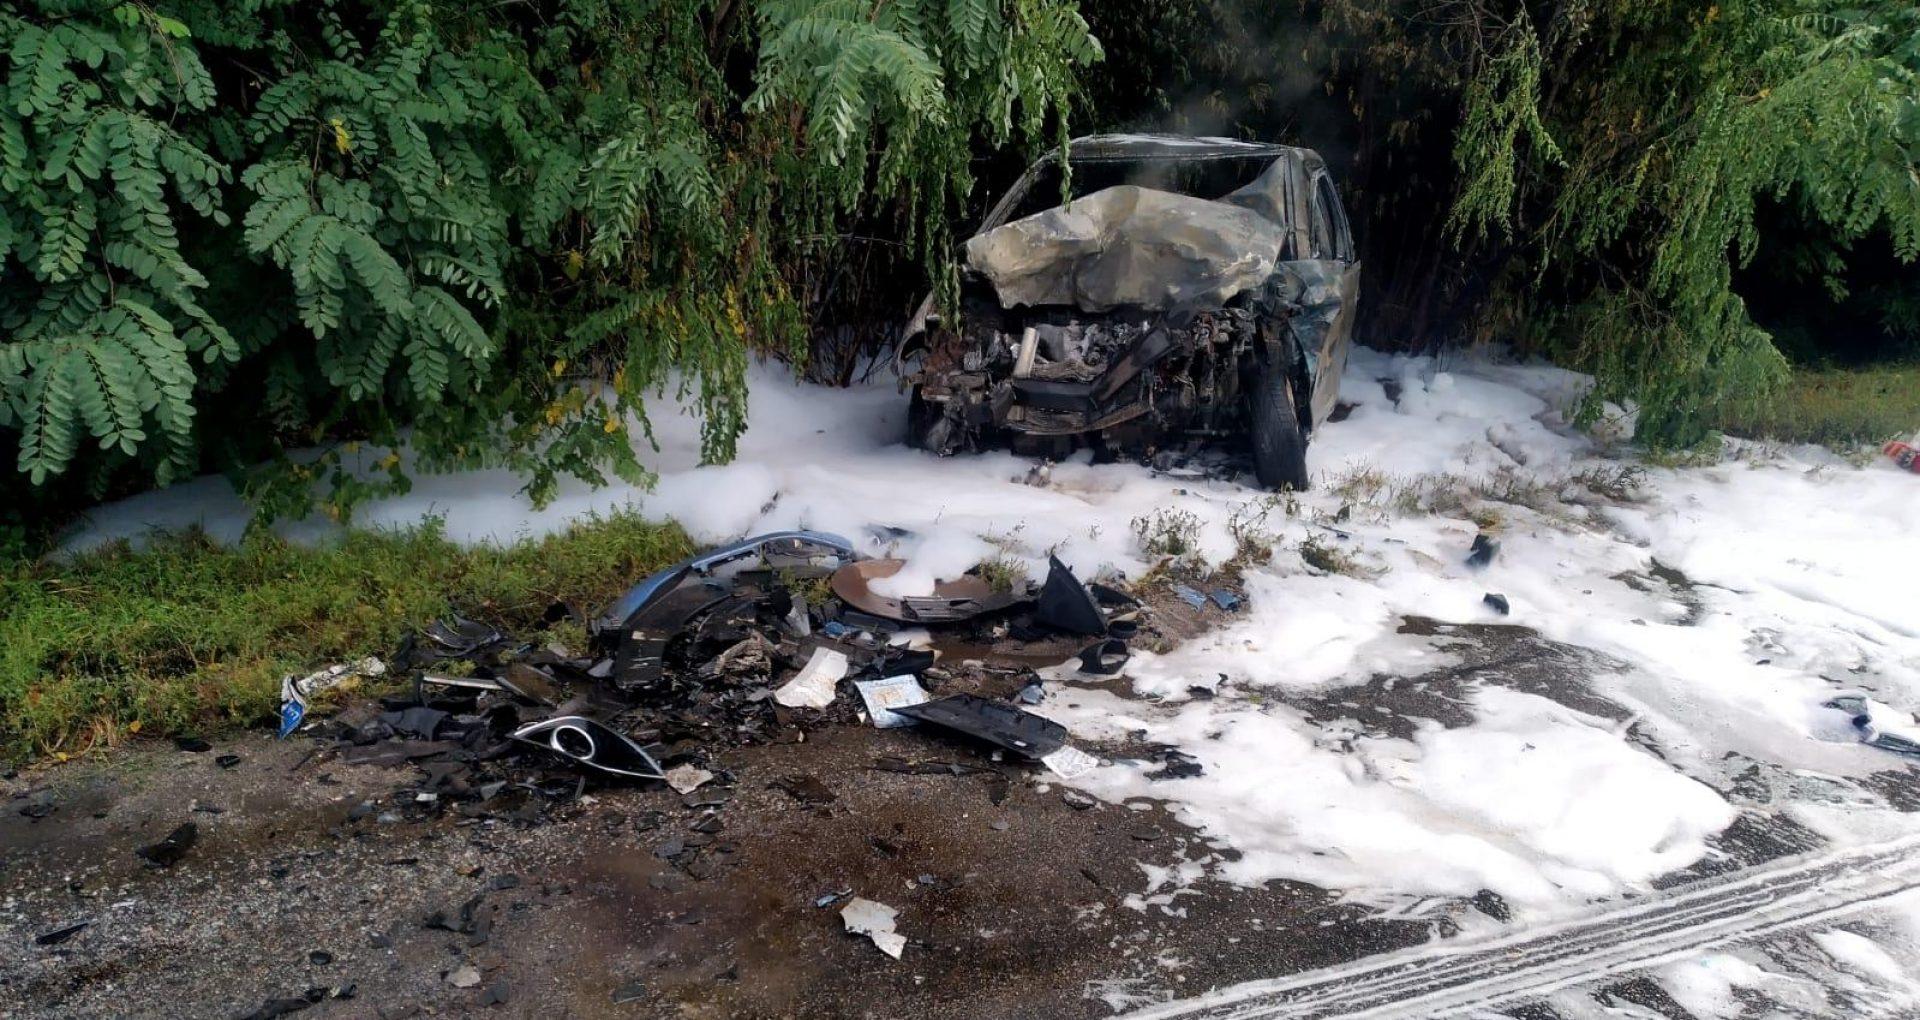 FOTO/ Accident fatal în regiunea Kiev cu implicarea unui moldovean